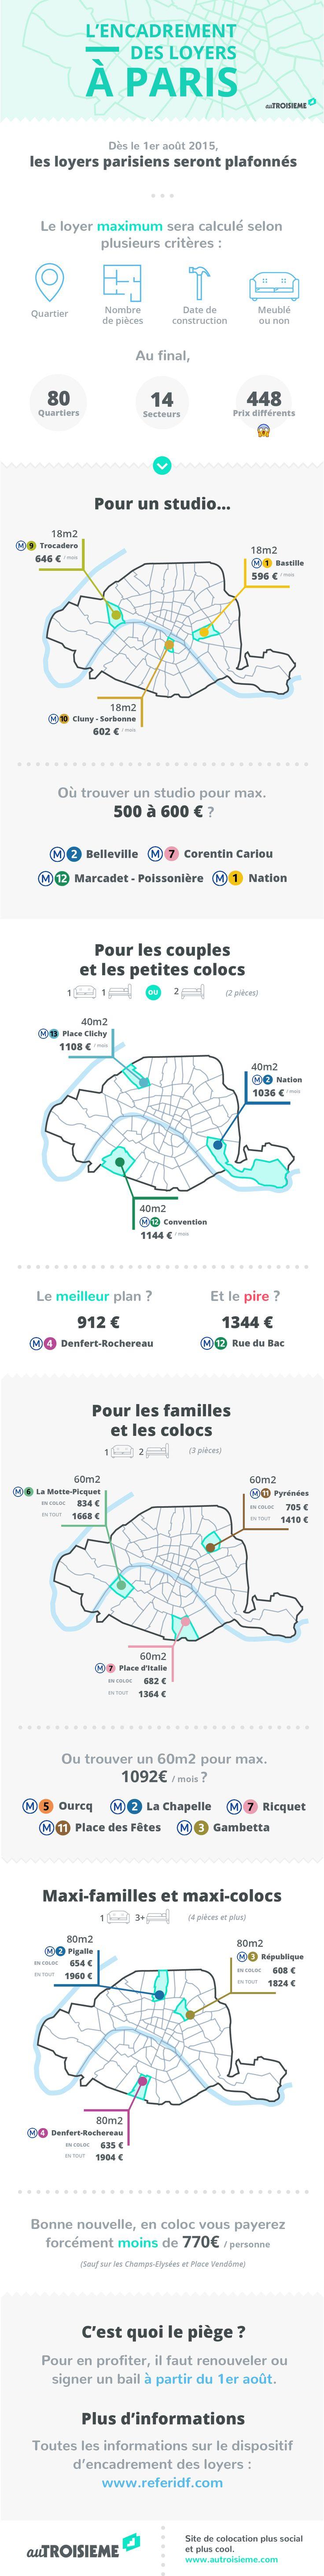 Encadrement des loyers à Paris à partir du 1er août 2015